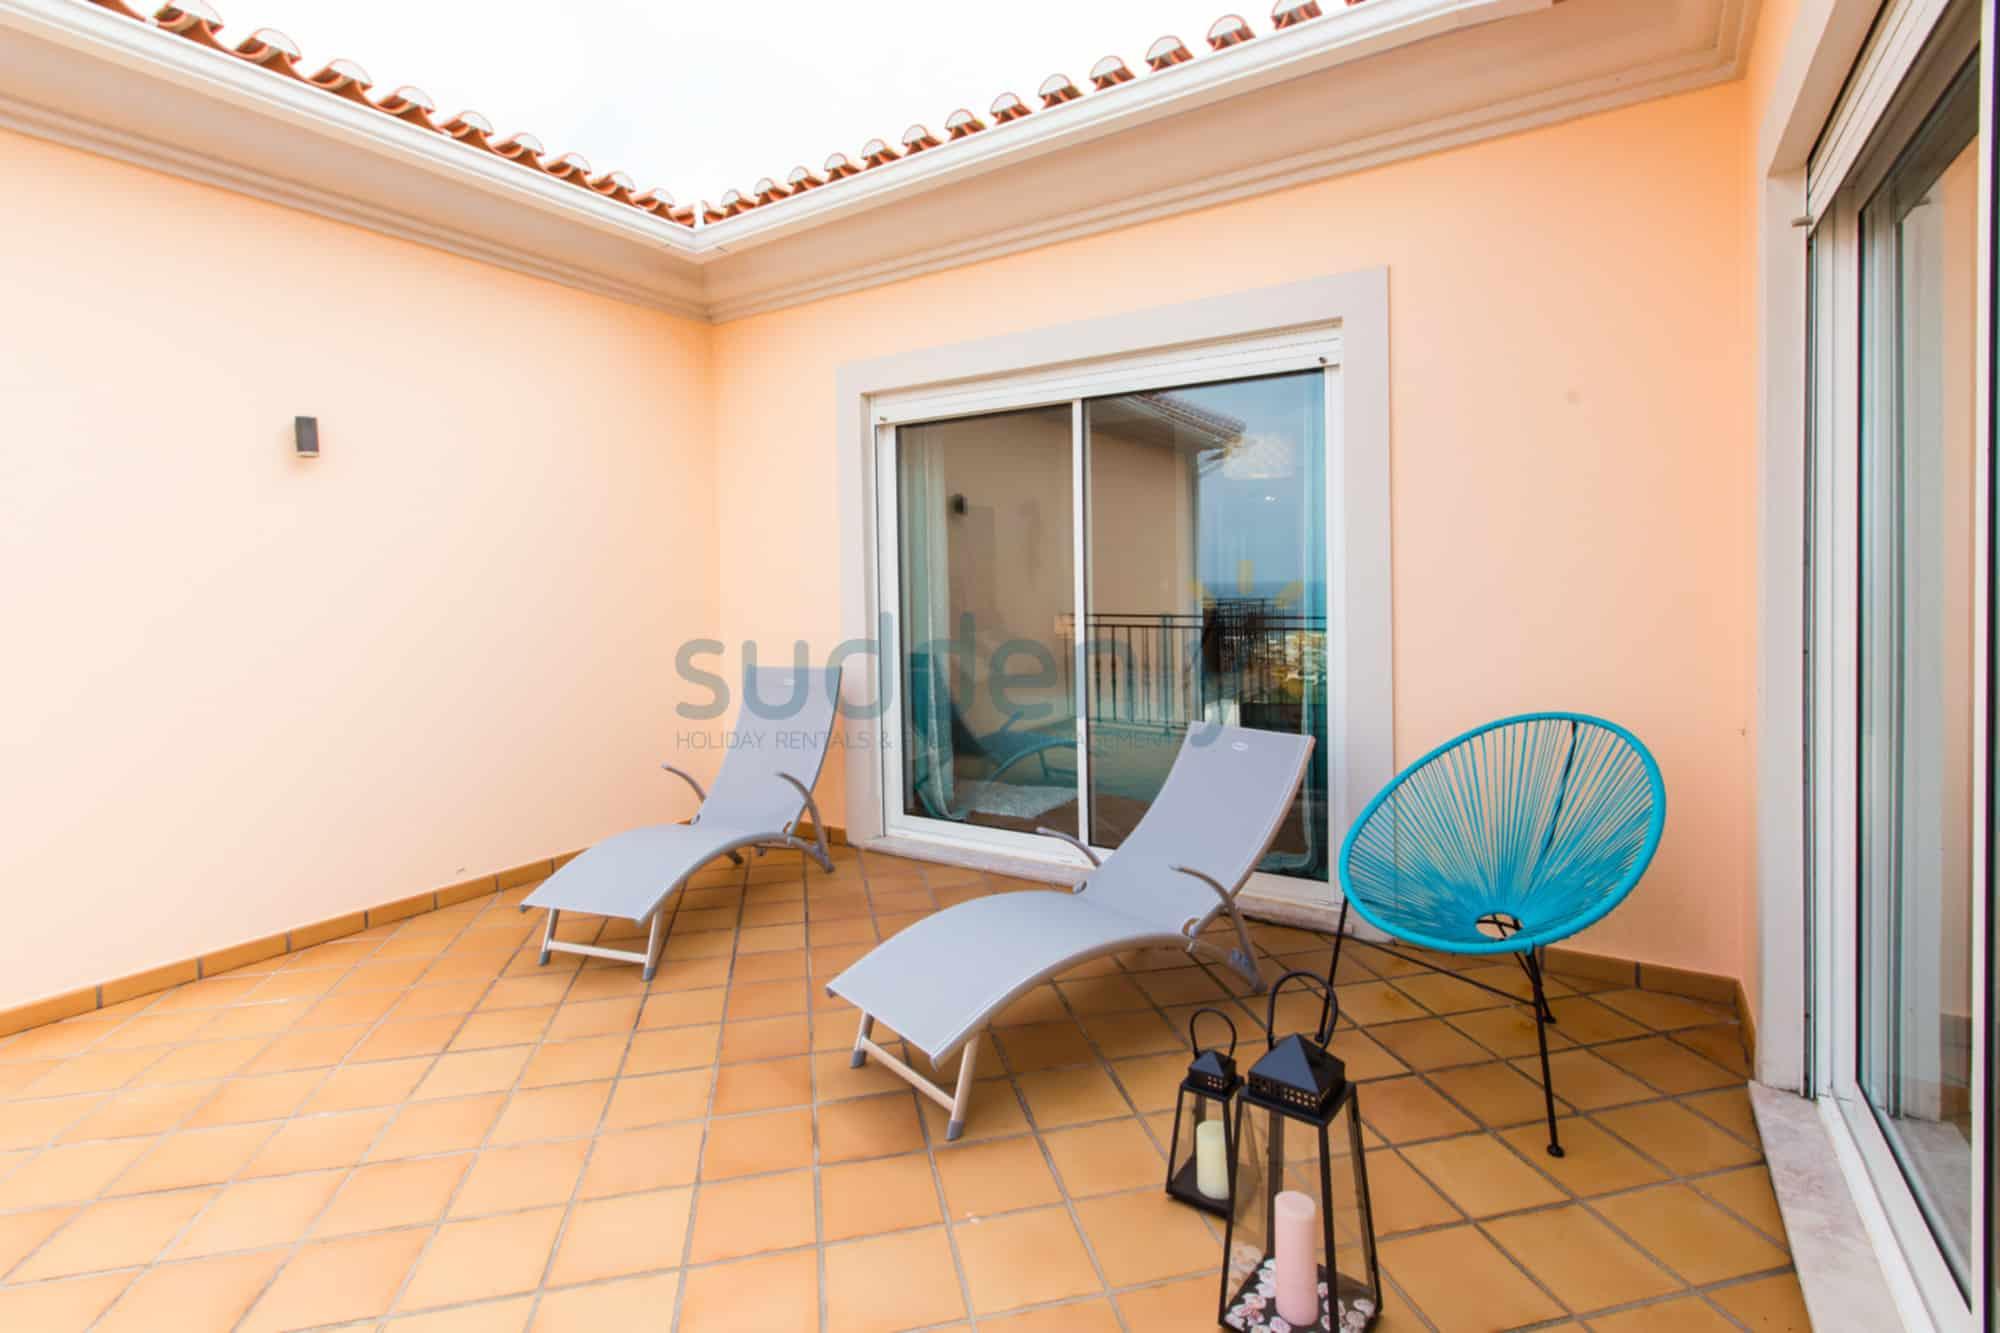 Holiday Rentals in Praia D'El Rey 309